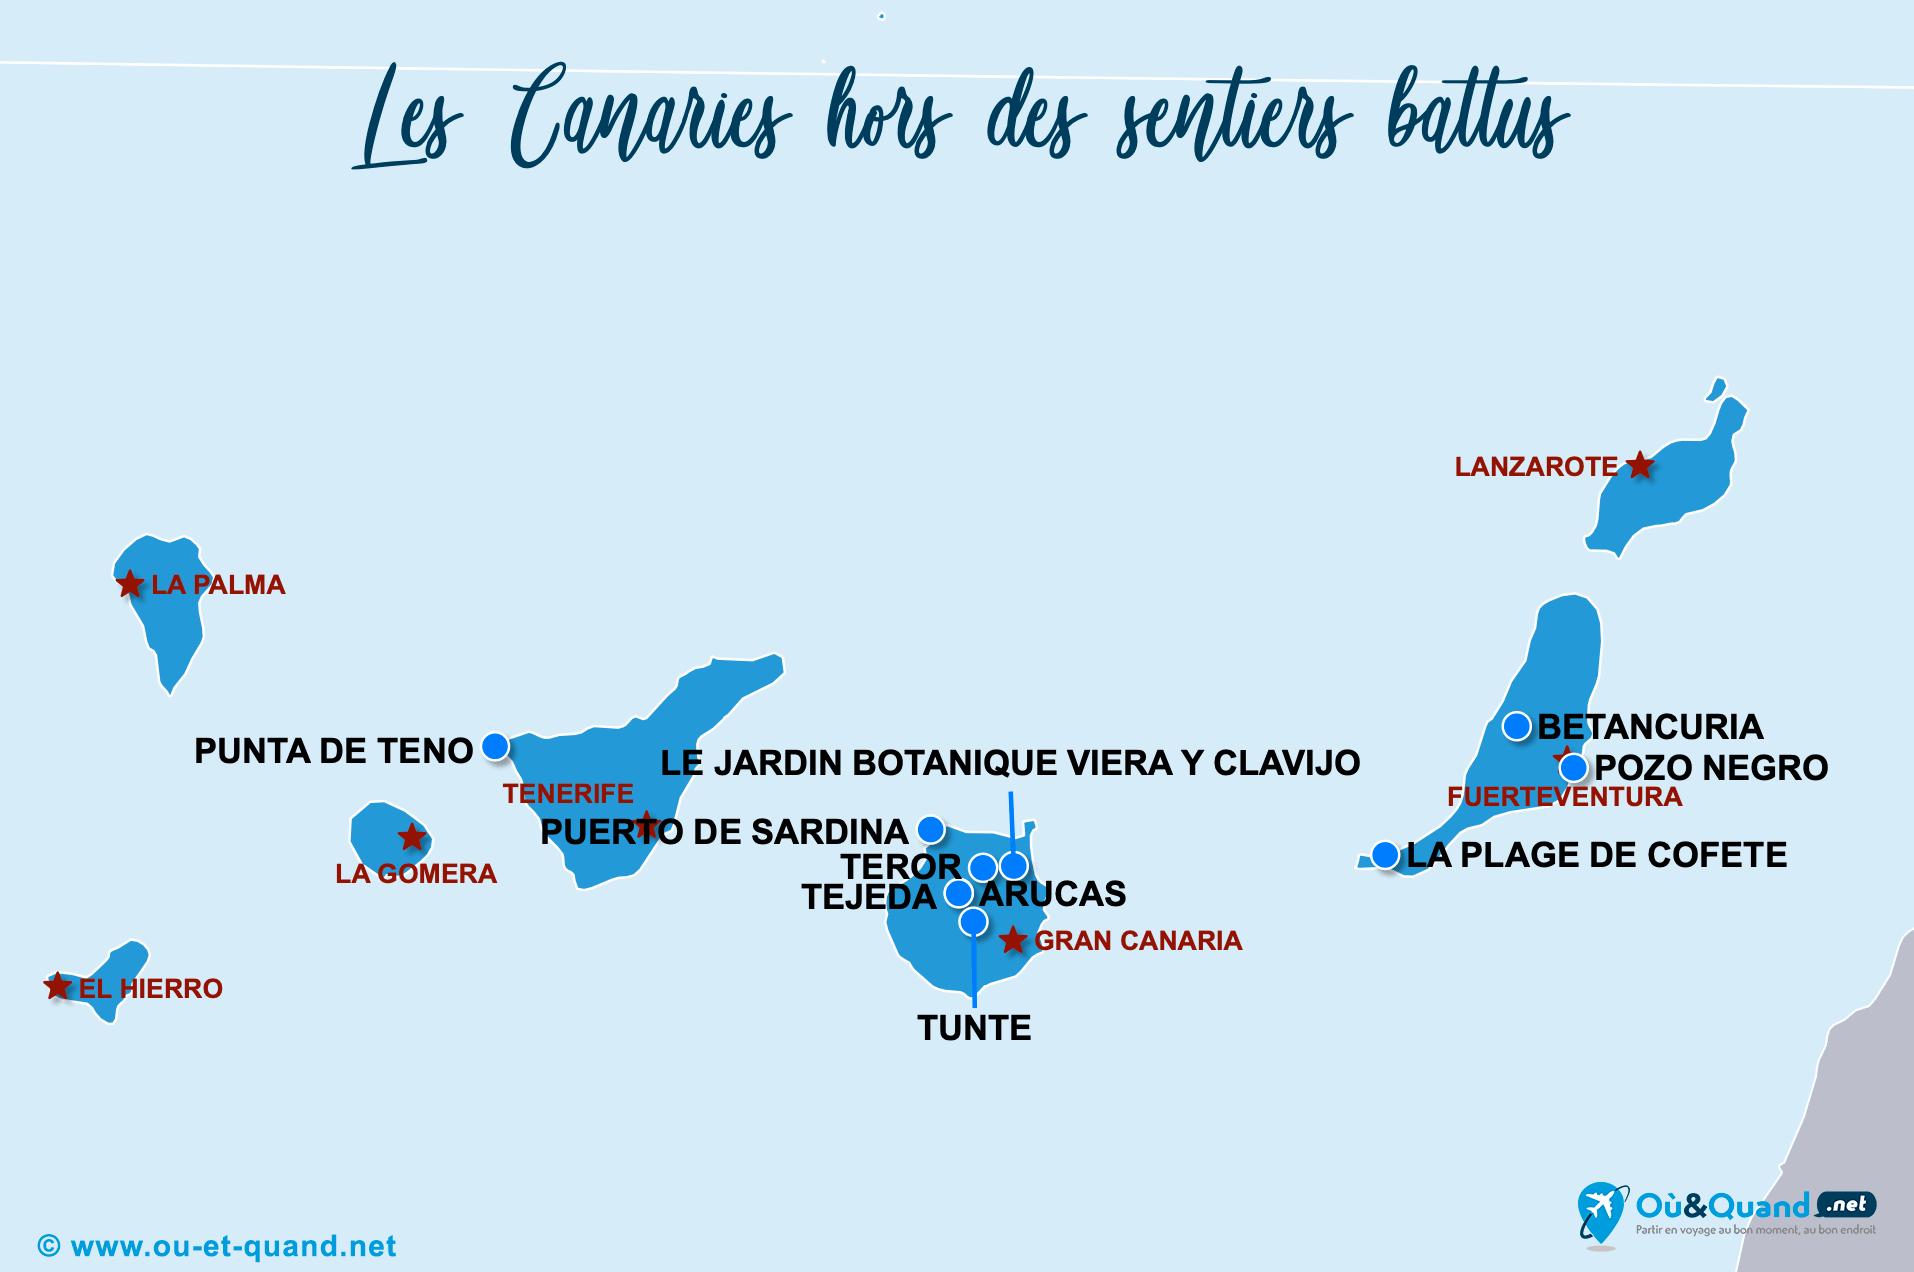 Carte Canaries : Les Canaries hors des sentiers battus